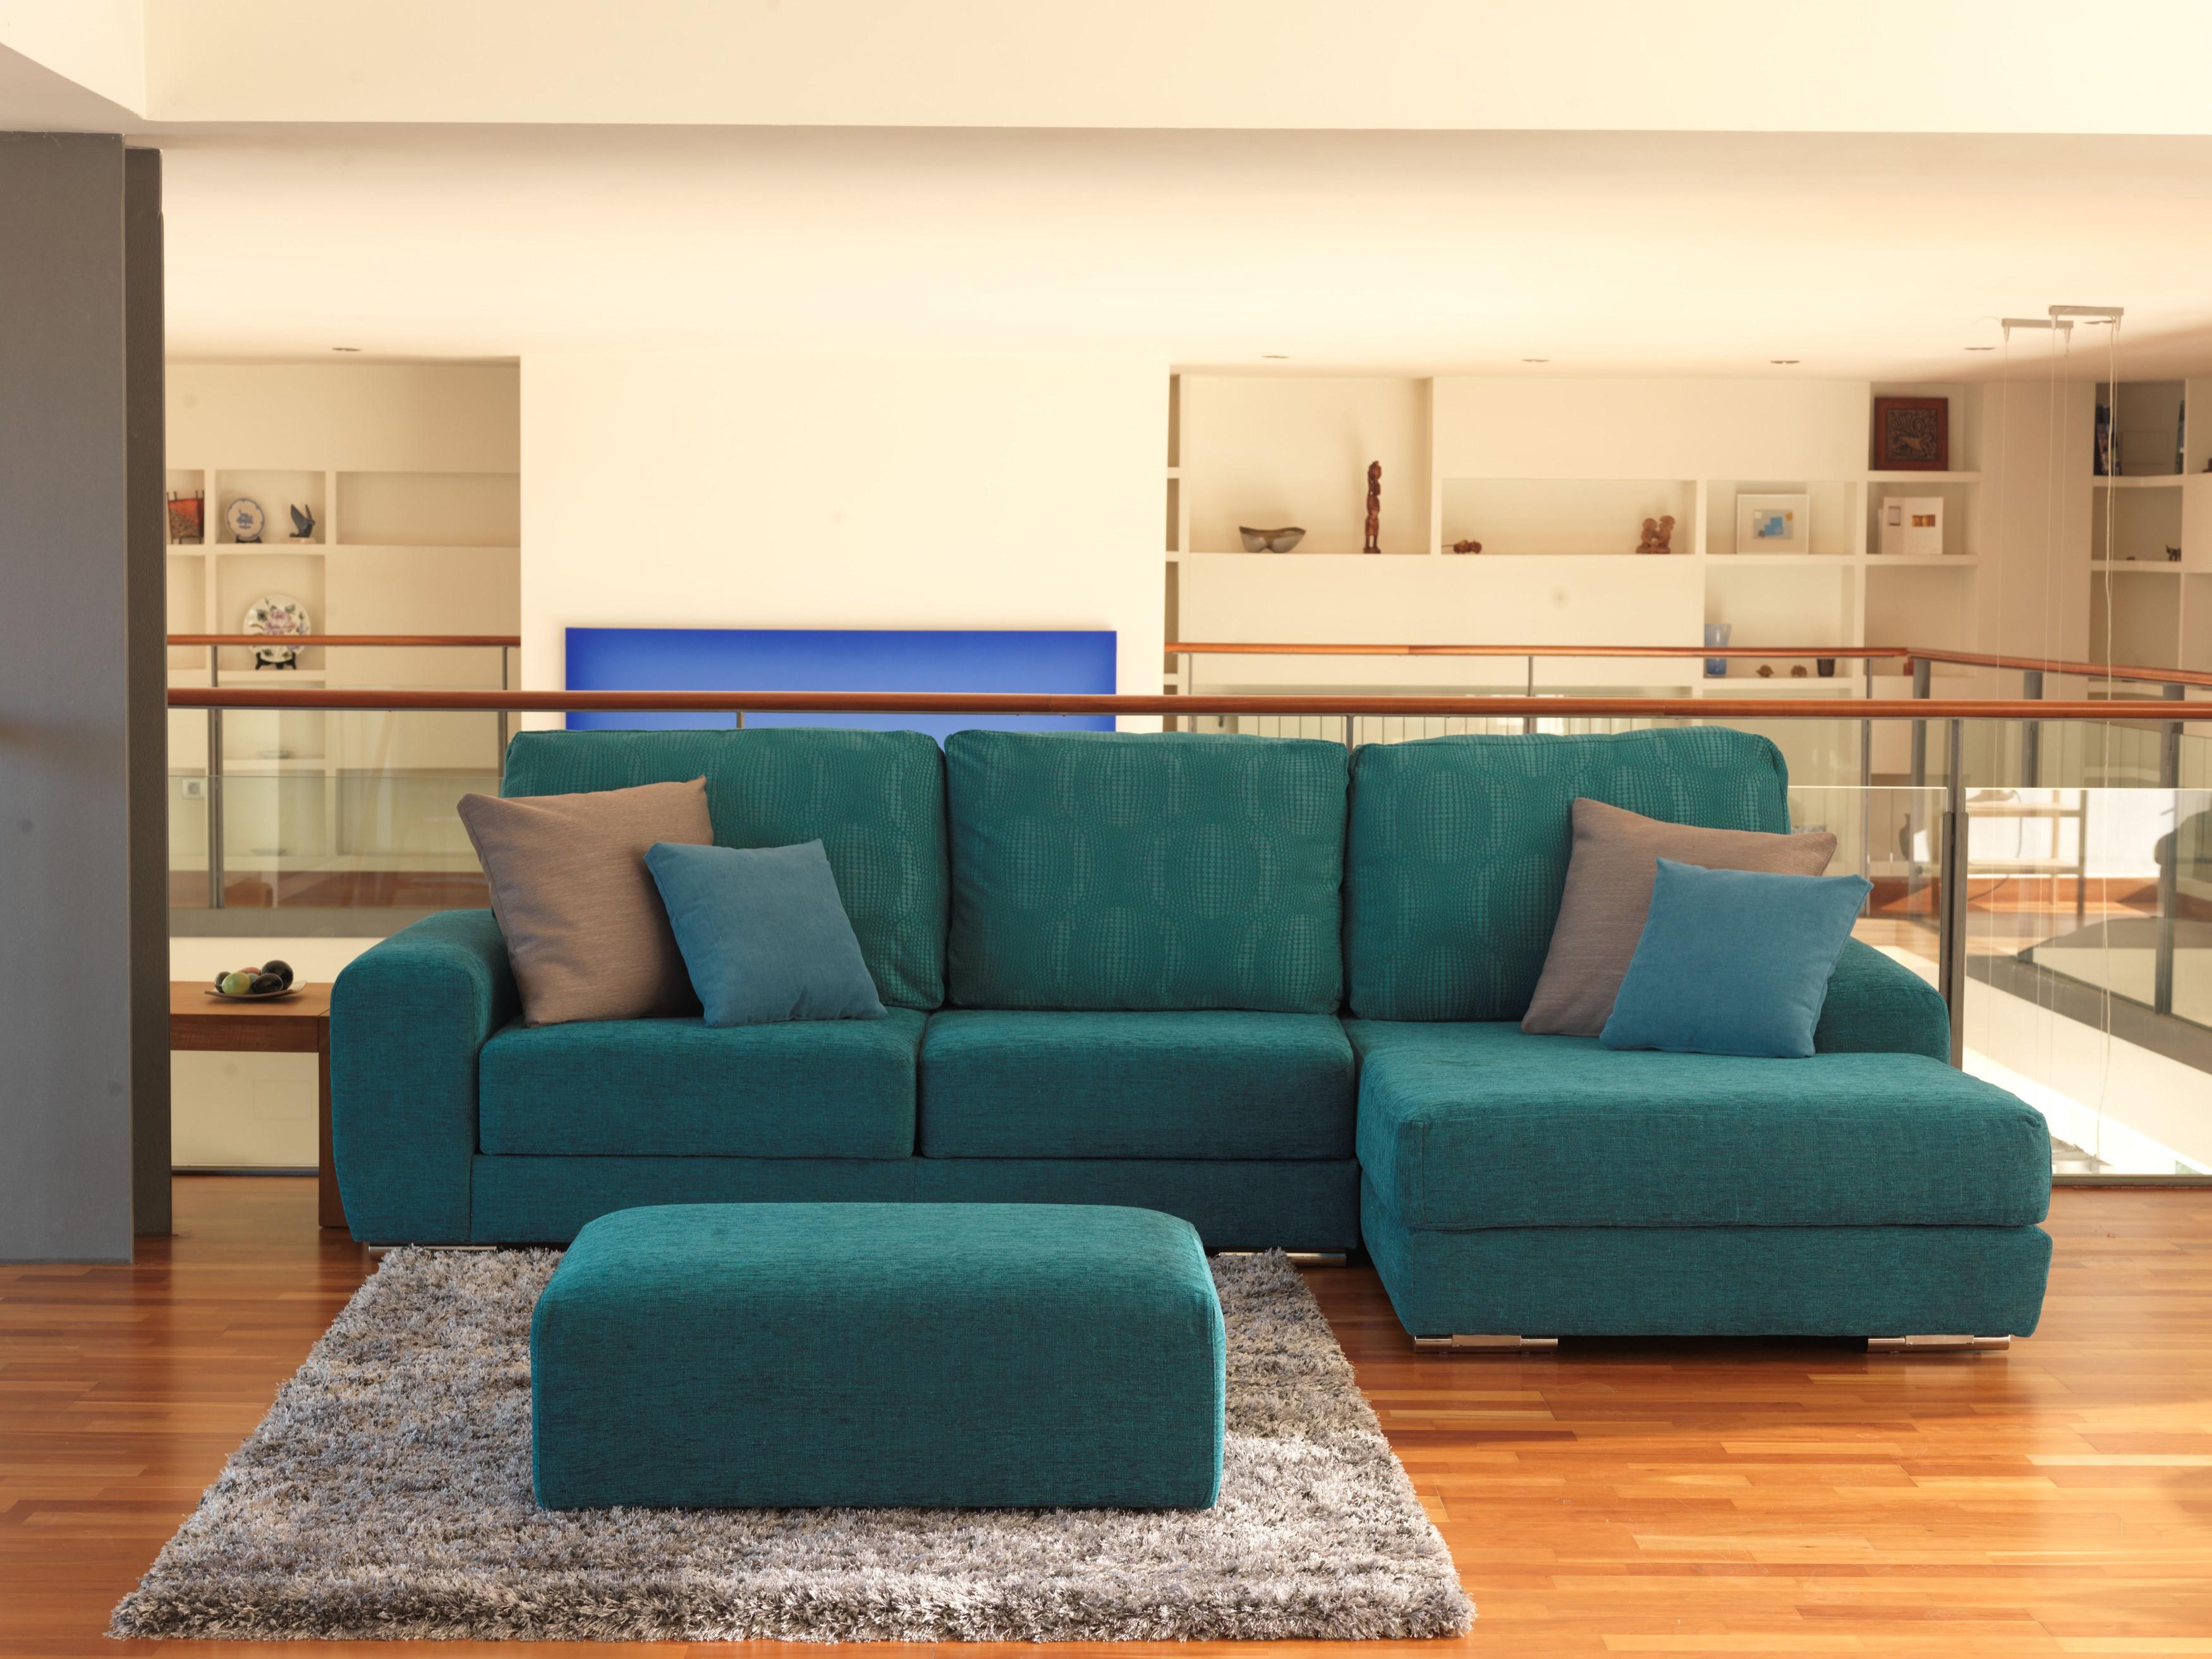 Tapizar t sof tendencias que inspiran - Tapizados para sofas ...